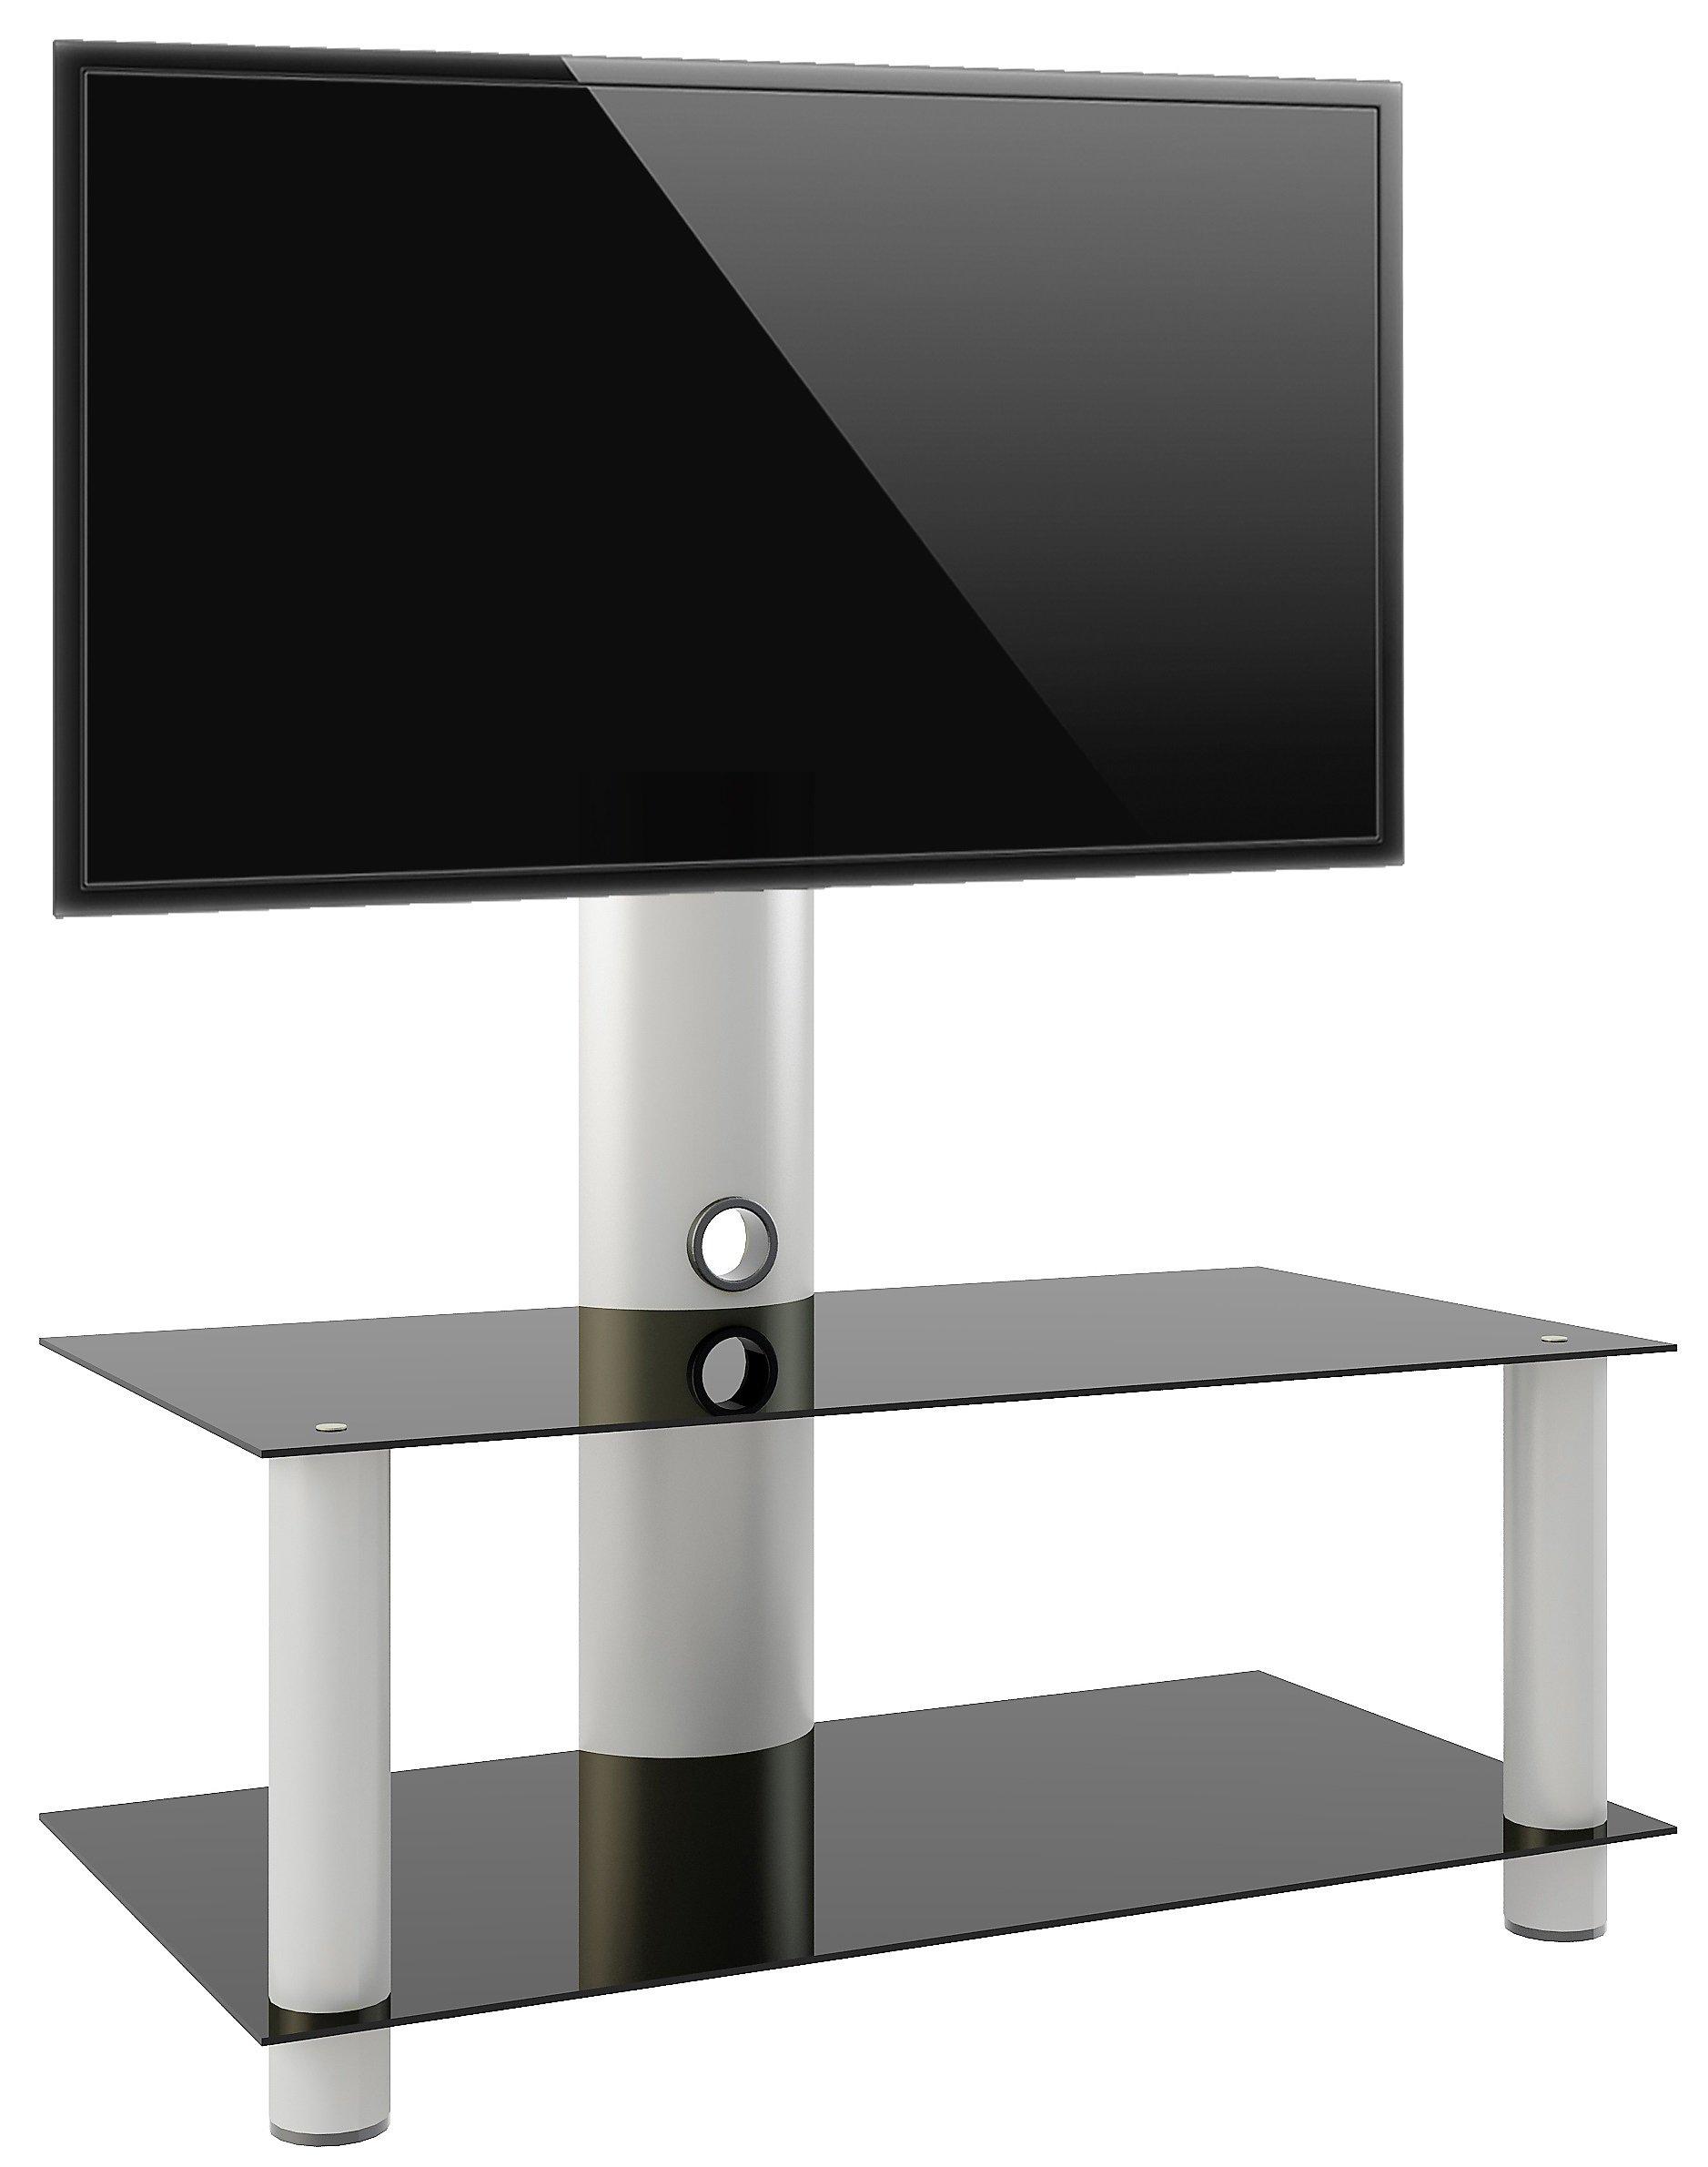 VCM TV-Rack Lowboard Konsole Fernsehtisch TV Möbel Glastisch Tisch ...